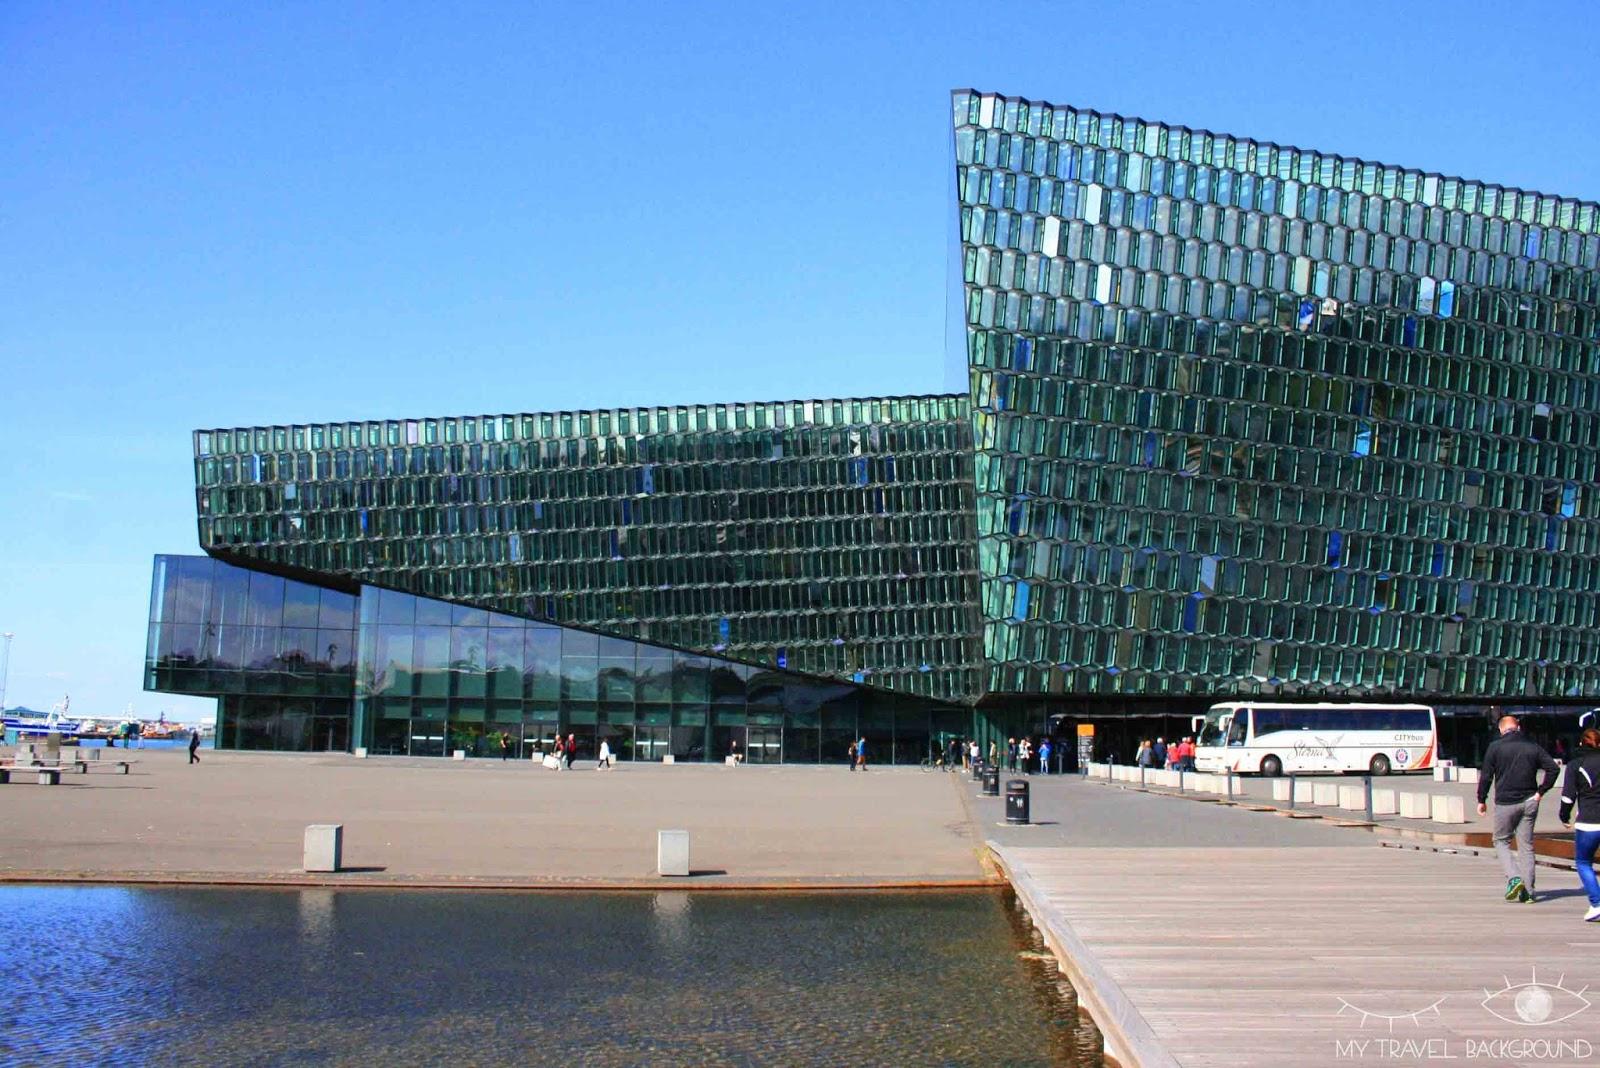 My Travel Background : que voir à Reykjavik? Visiter la ville en 1 jour, les essentiels - Le Harpa